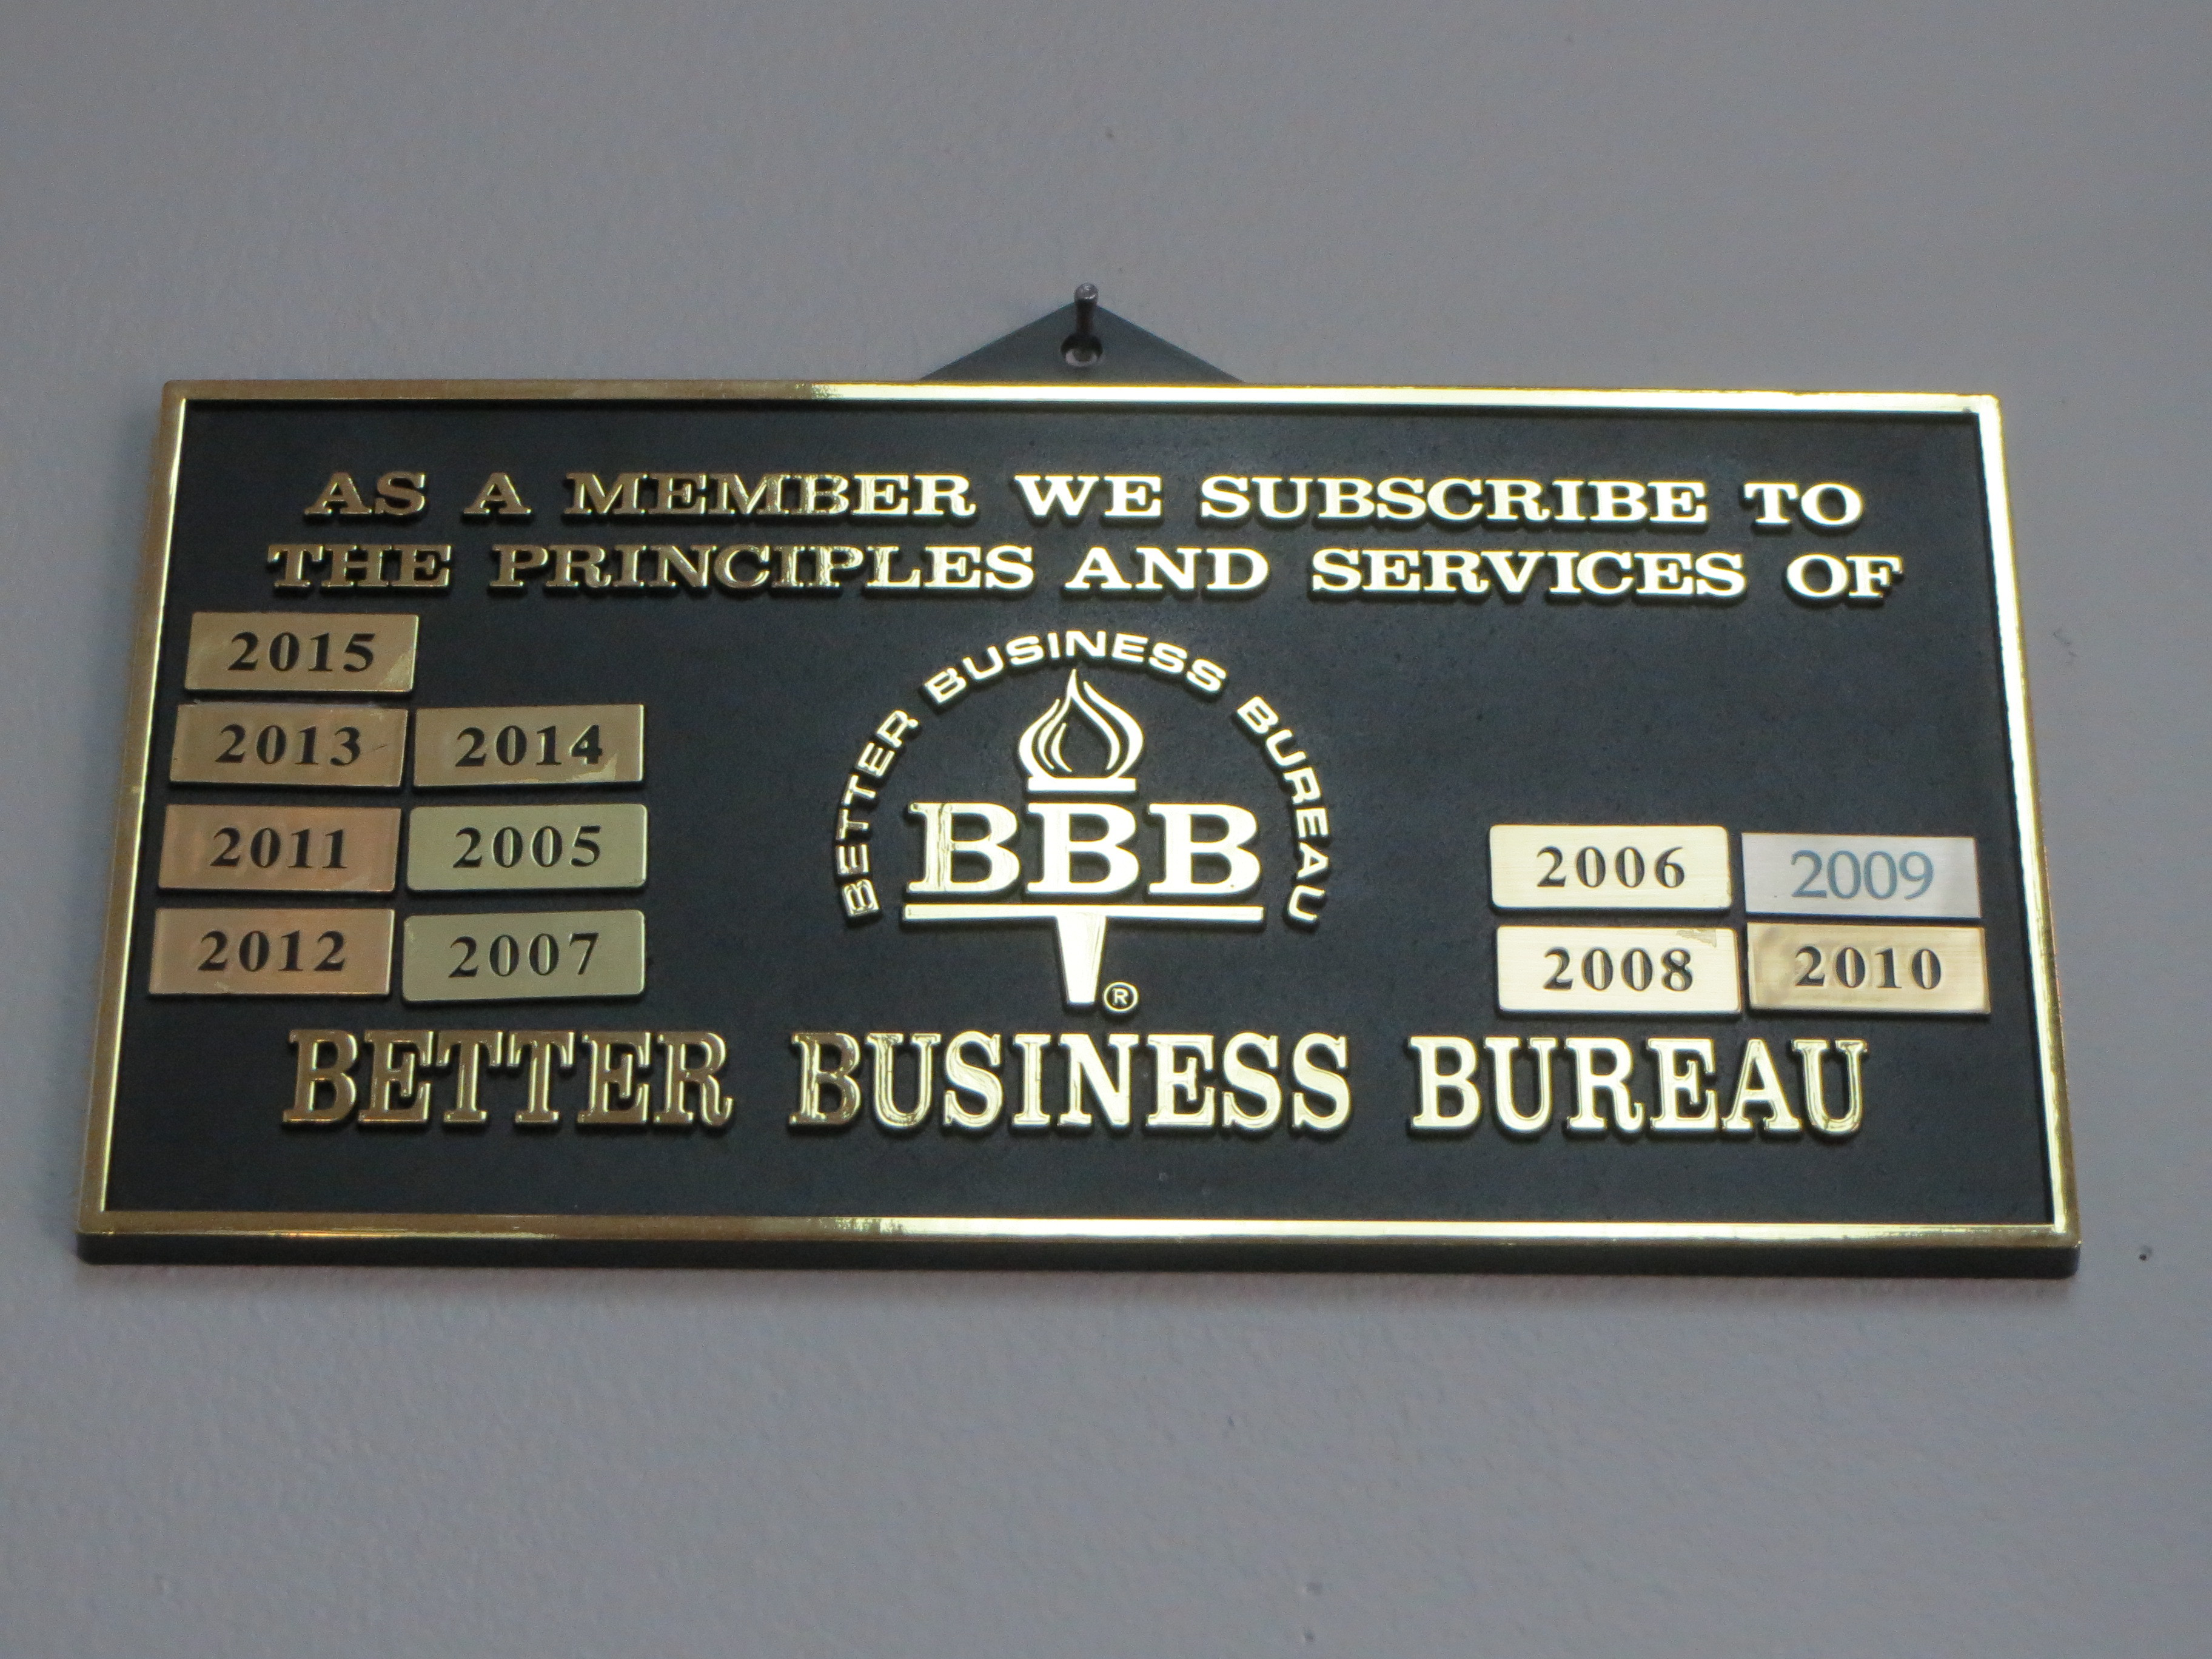 Member Better Business Bureau